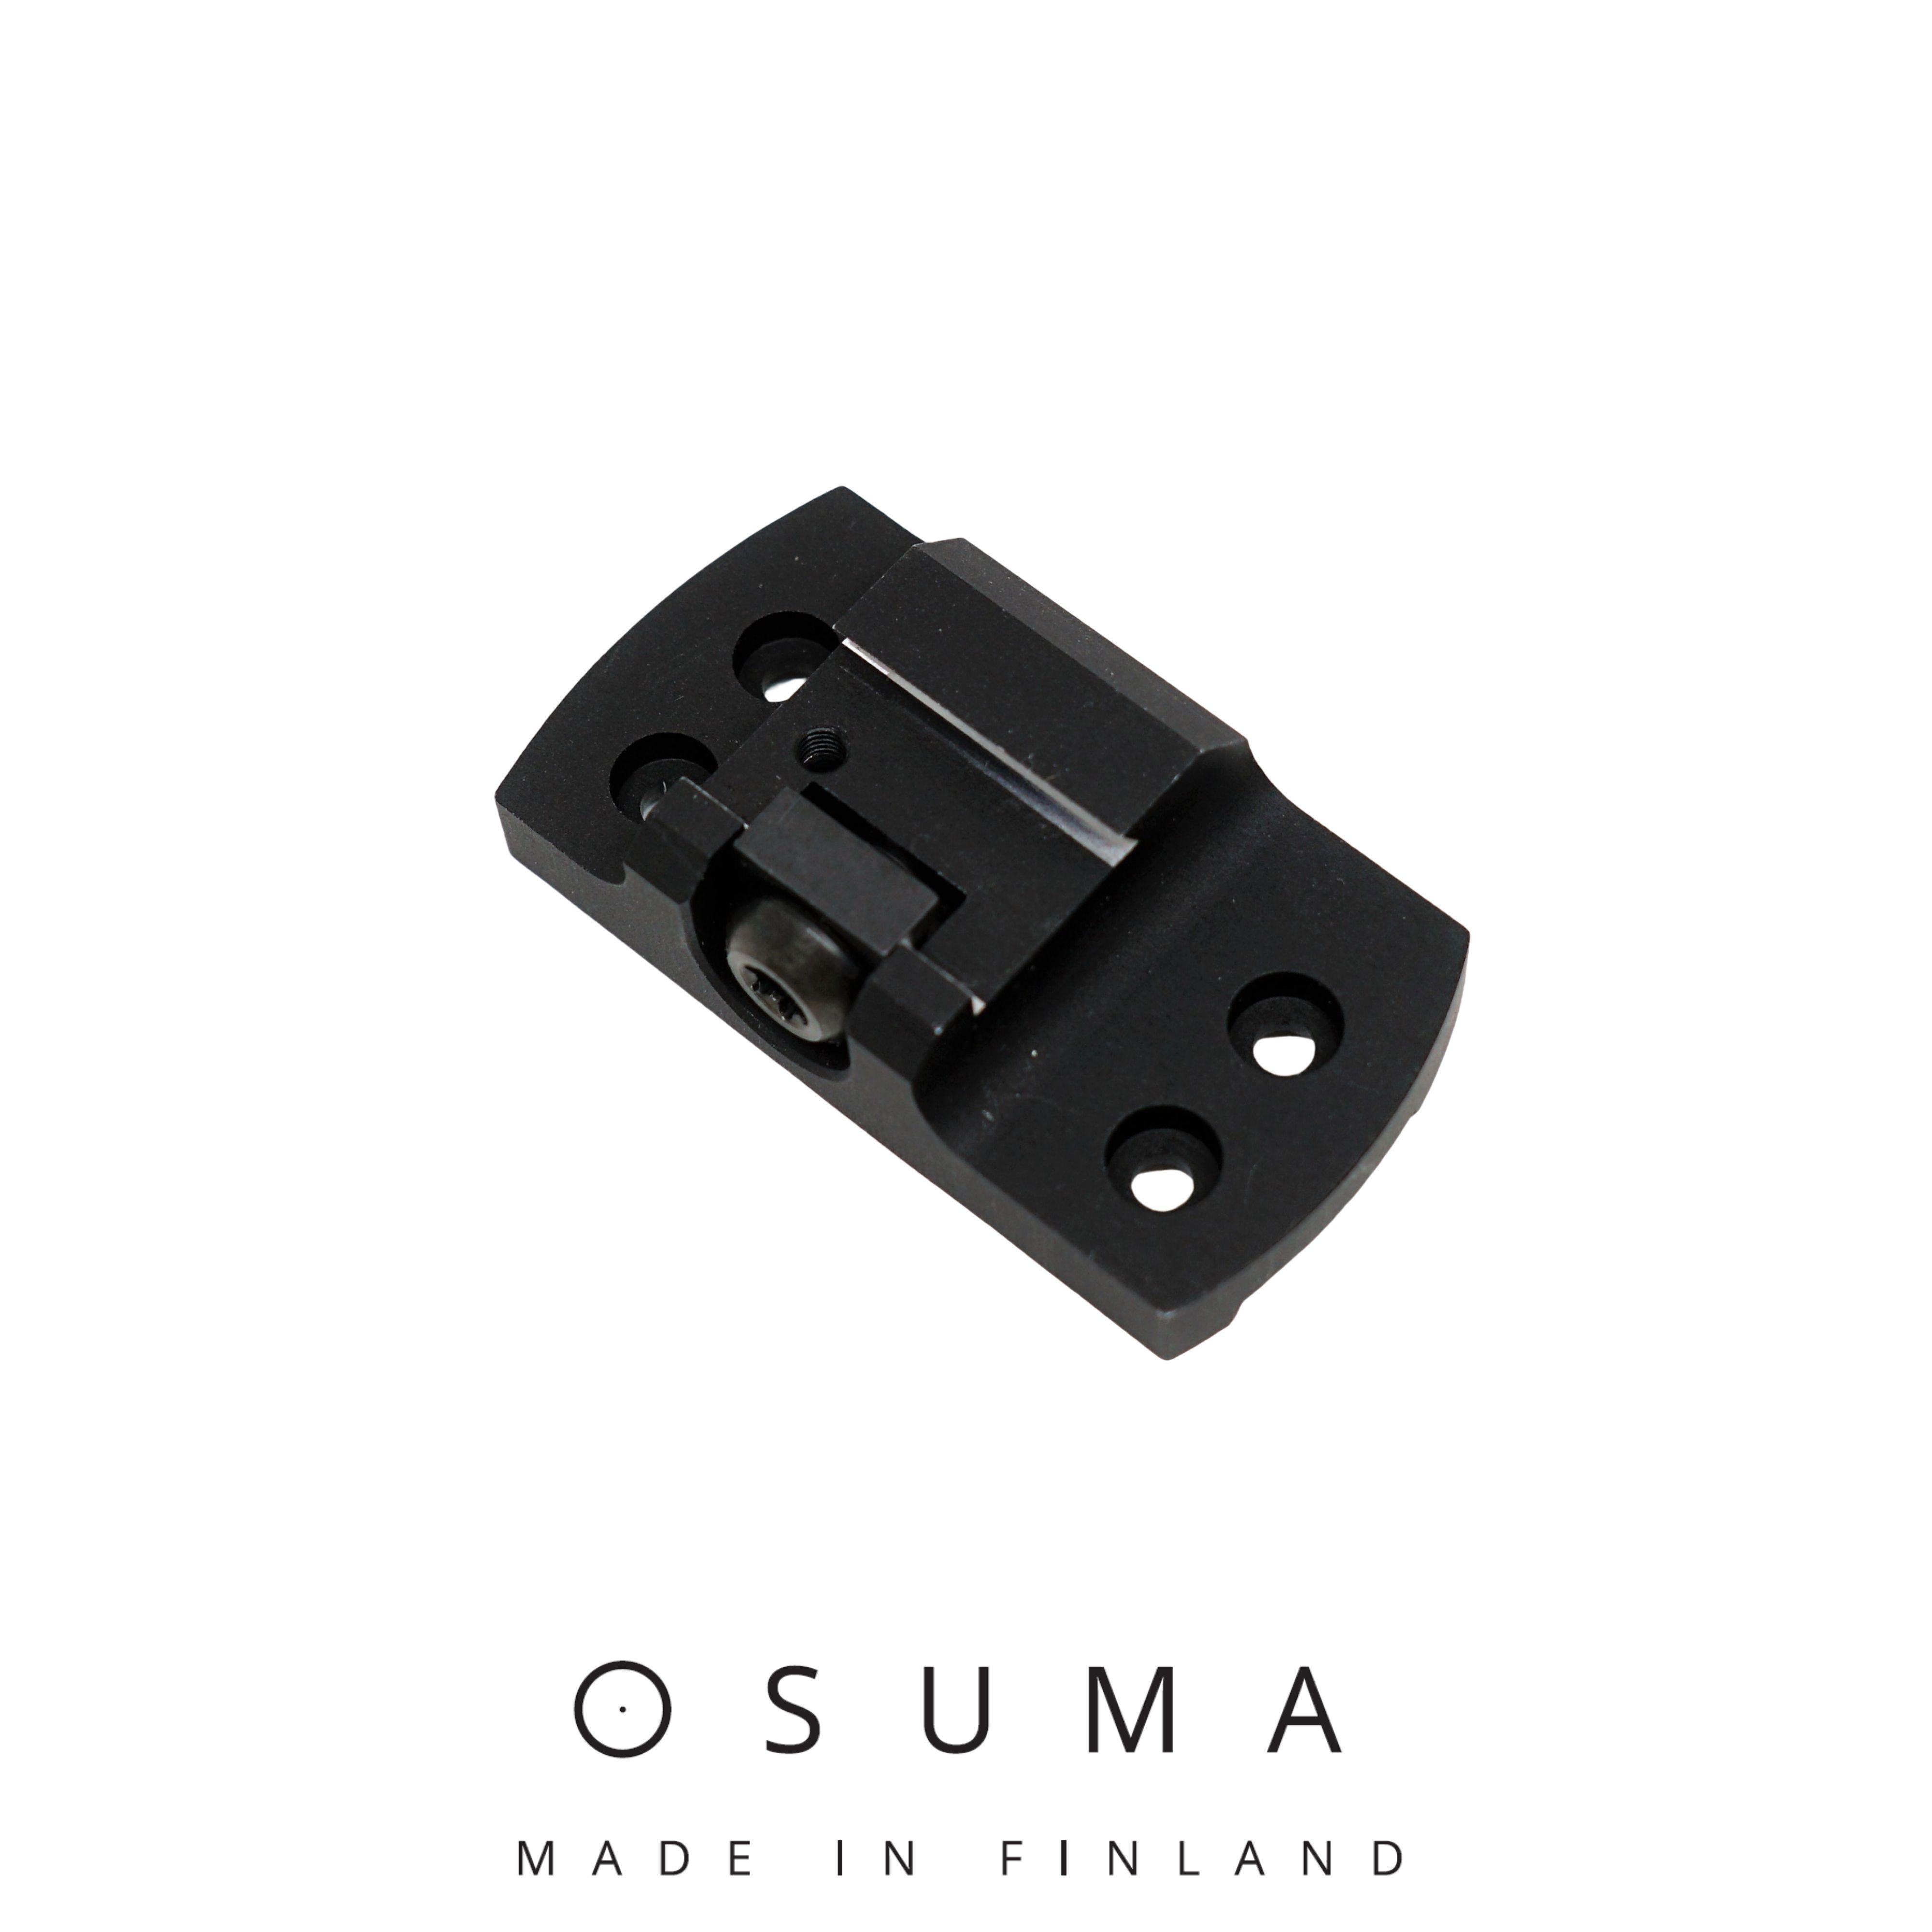 Osuma Aimpoint Micro jalusta 13 mm kiinnityskiskolle